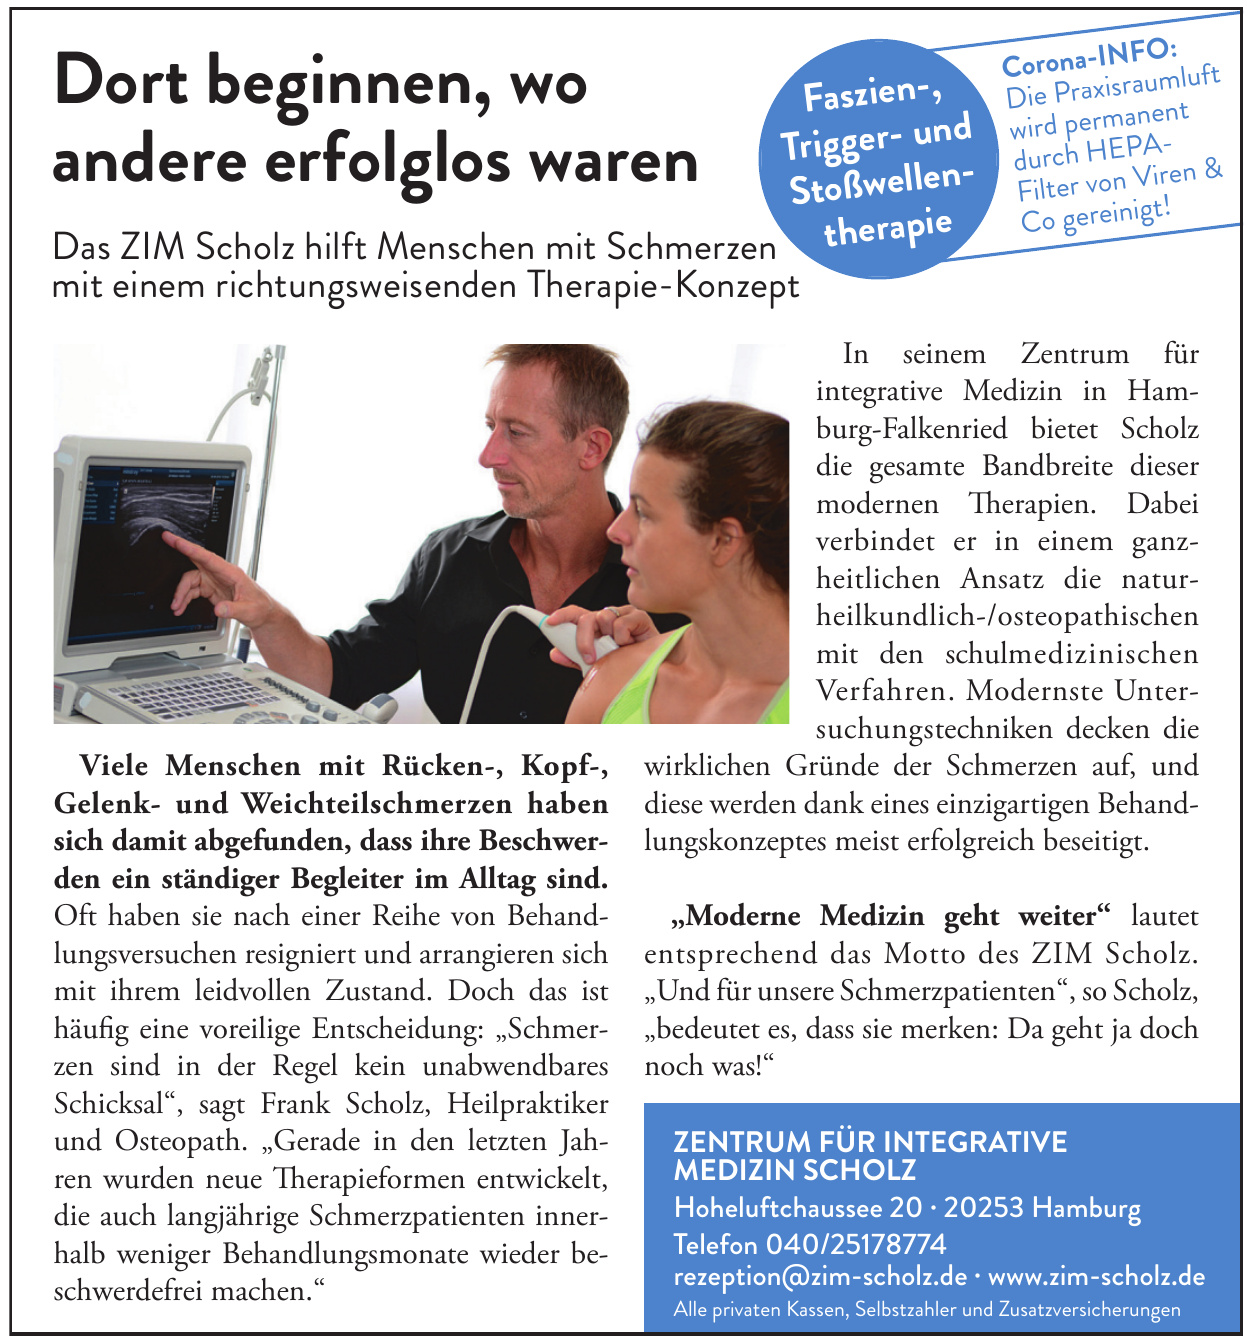 Zentrum für integrative Medizin Scholz